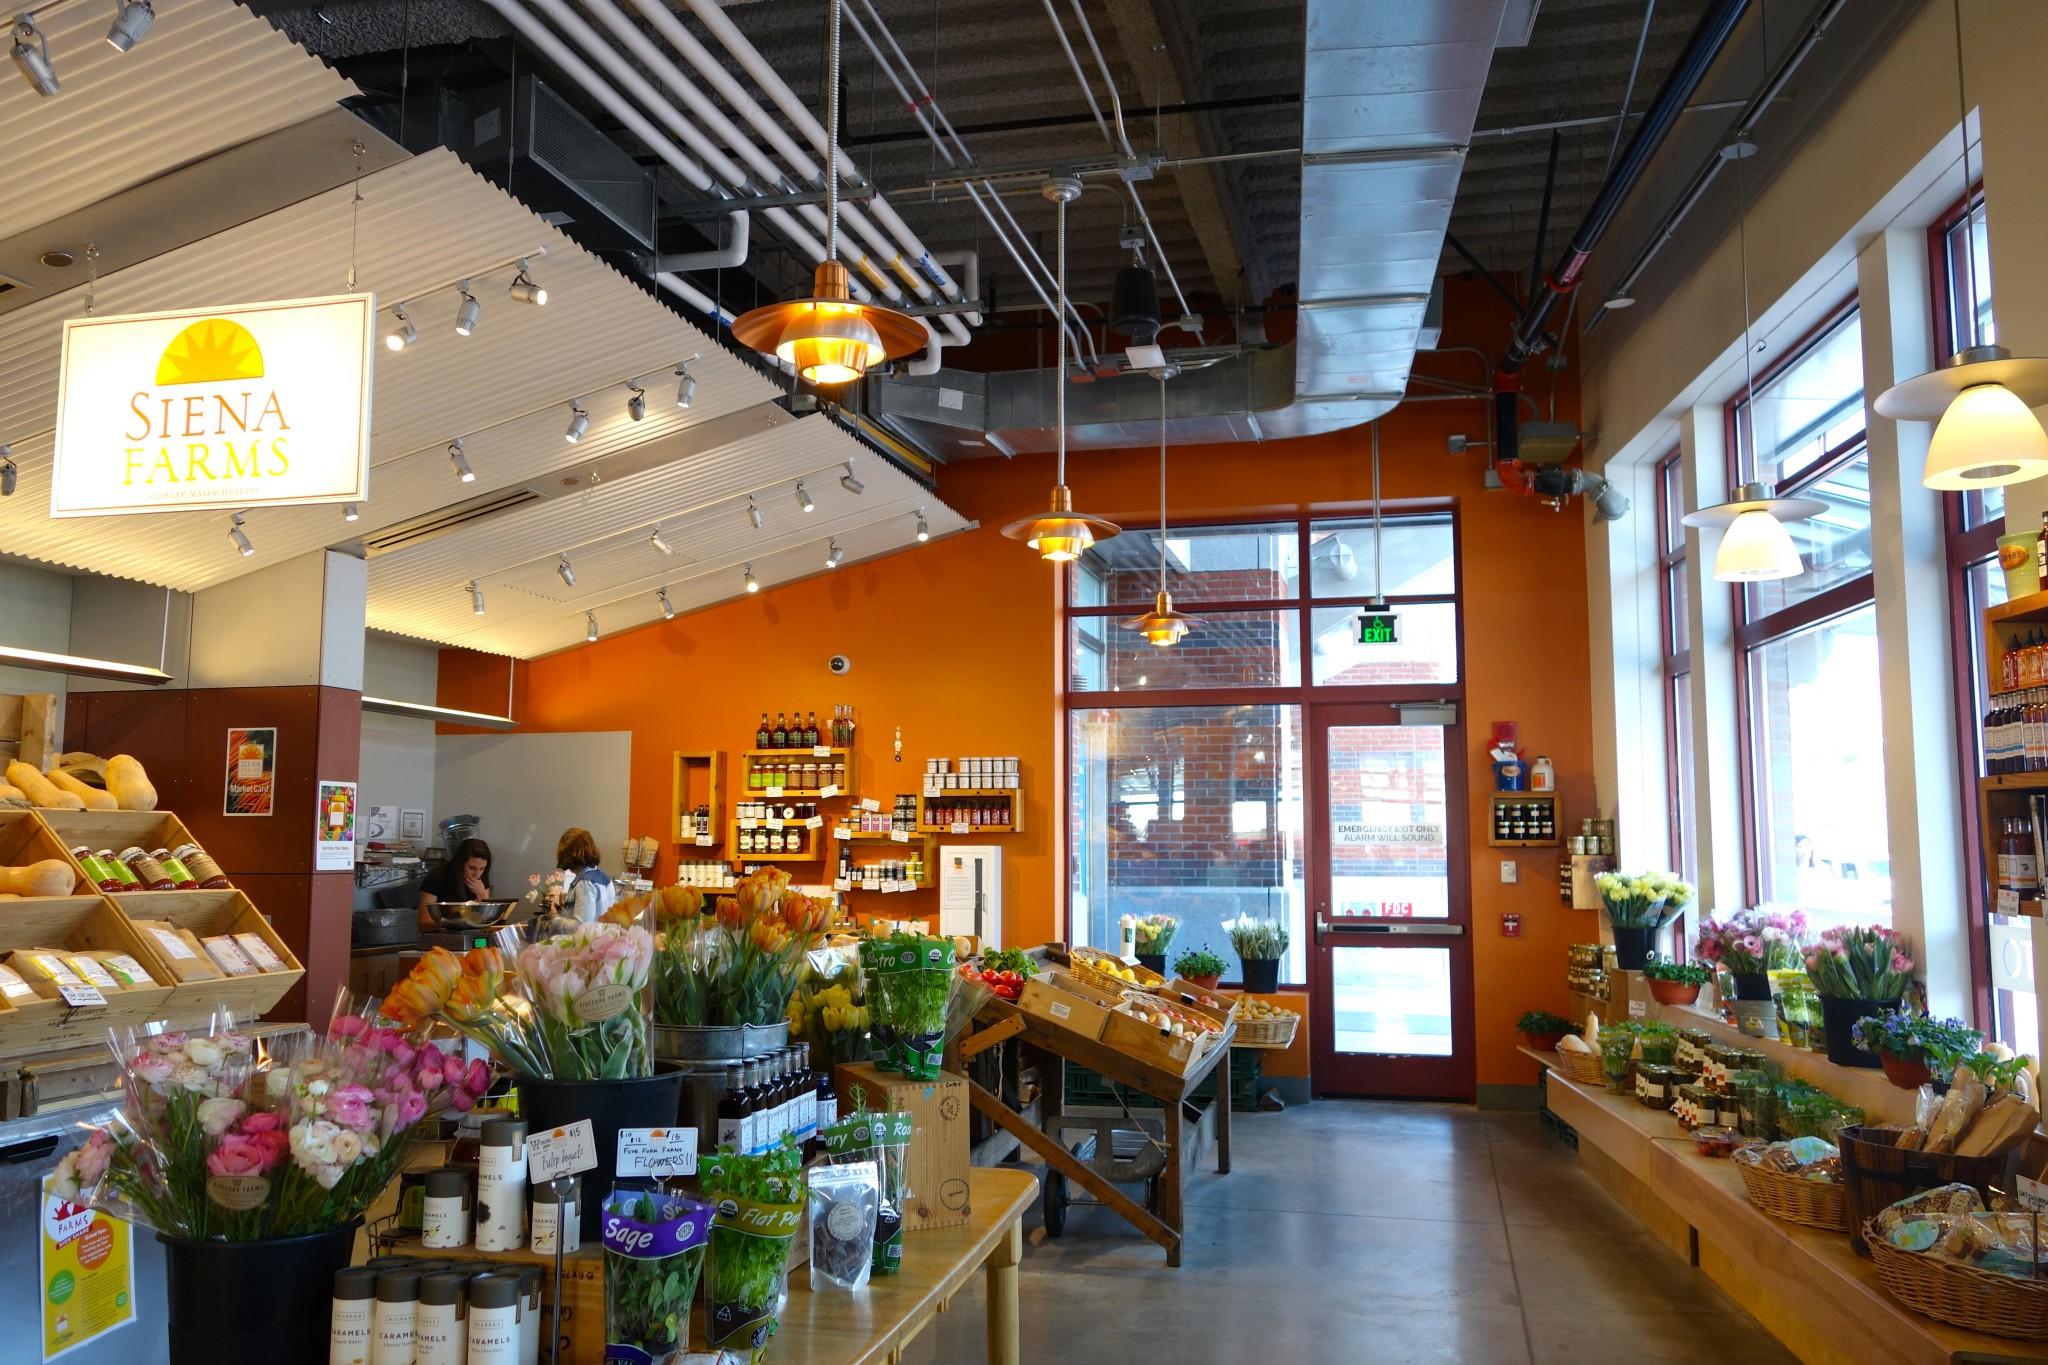 boston public market, siena farms, the-alyst.com